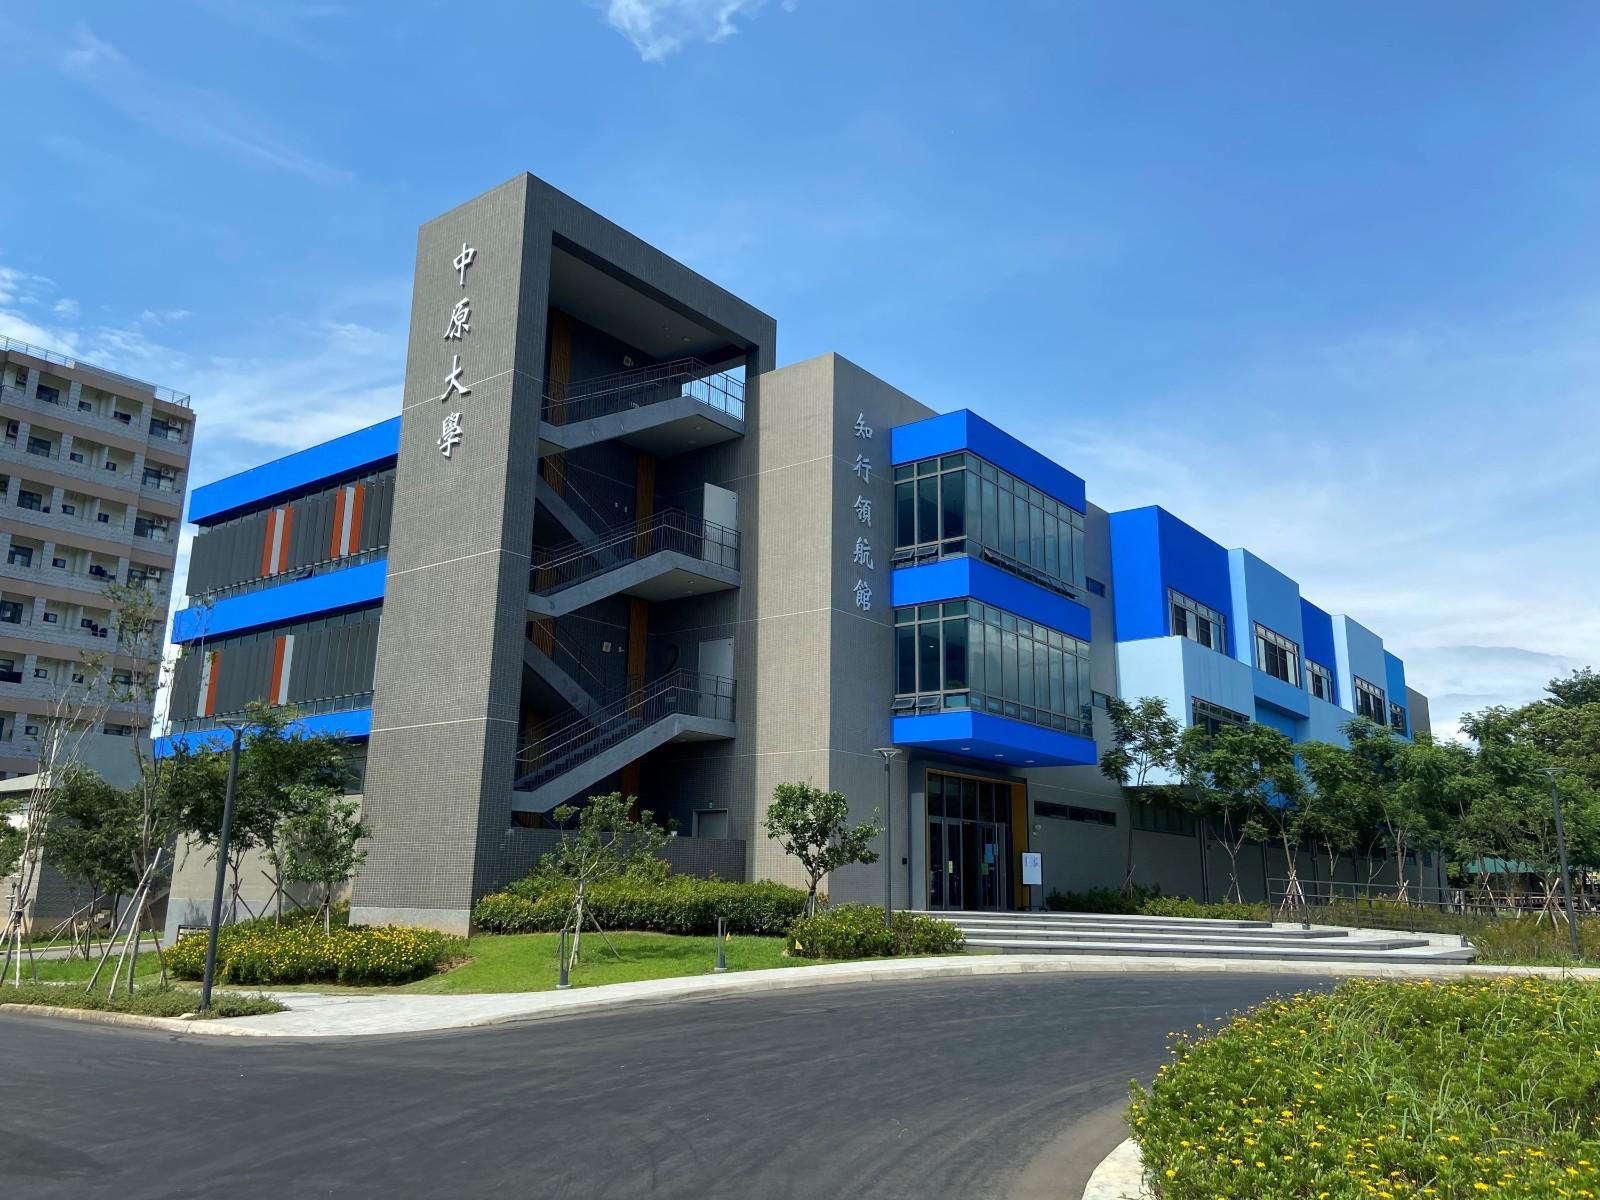 中原大學產業加速器暨育成中心設於「知行領航館」內,此為中原推動產學創新及培育產業精英人才的重要基地。.jpg